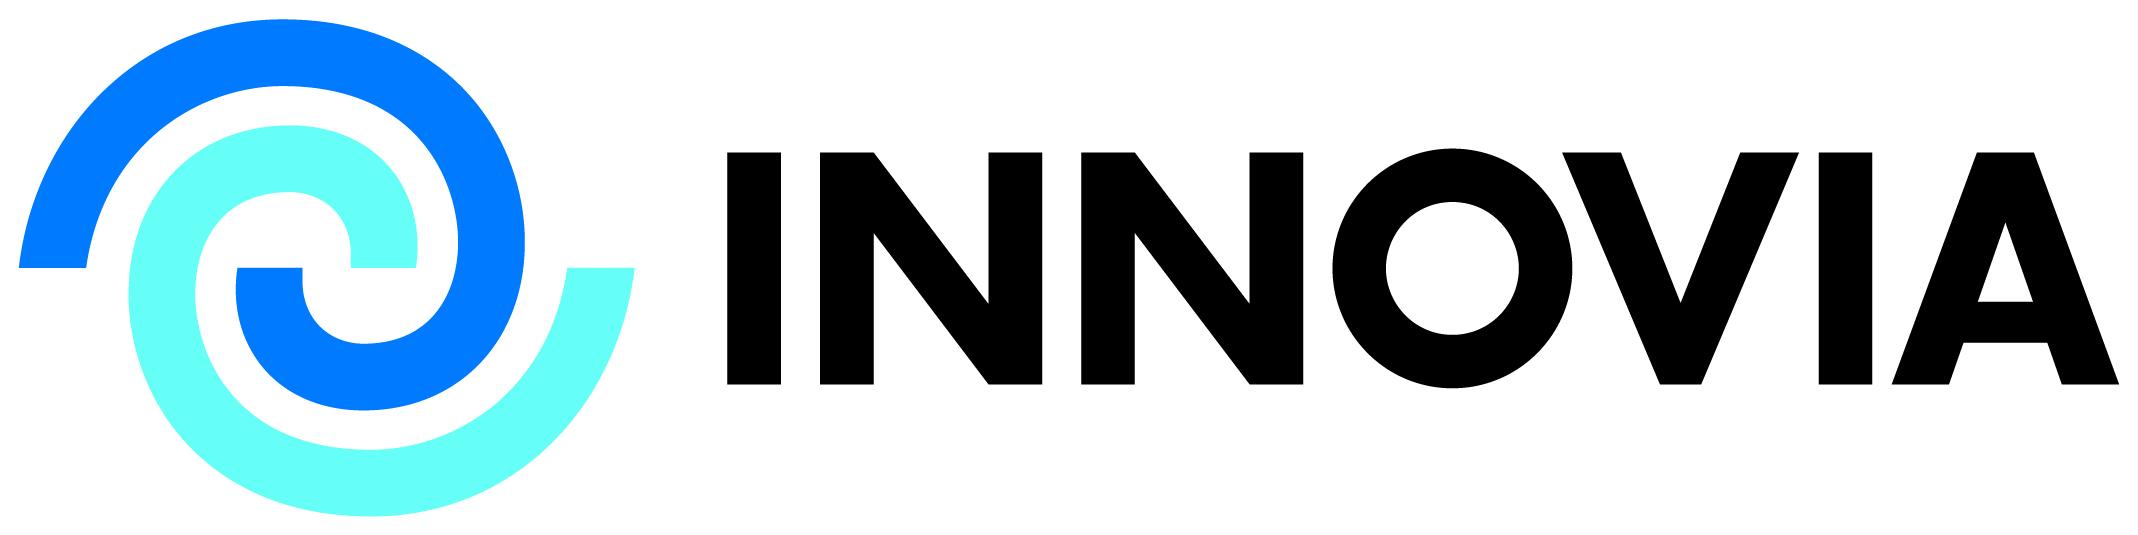 INNOVIA_Primary Logo_CMYK.jpg